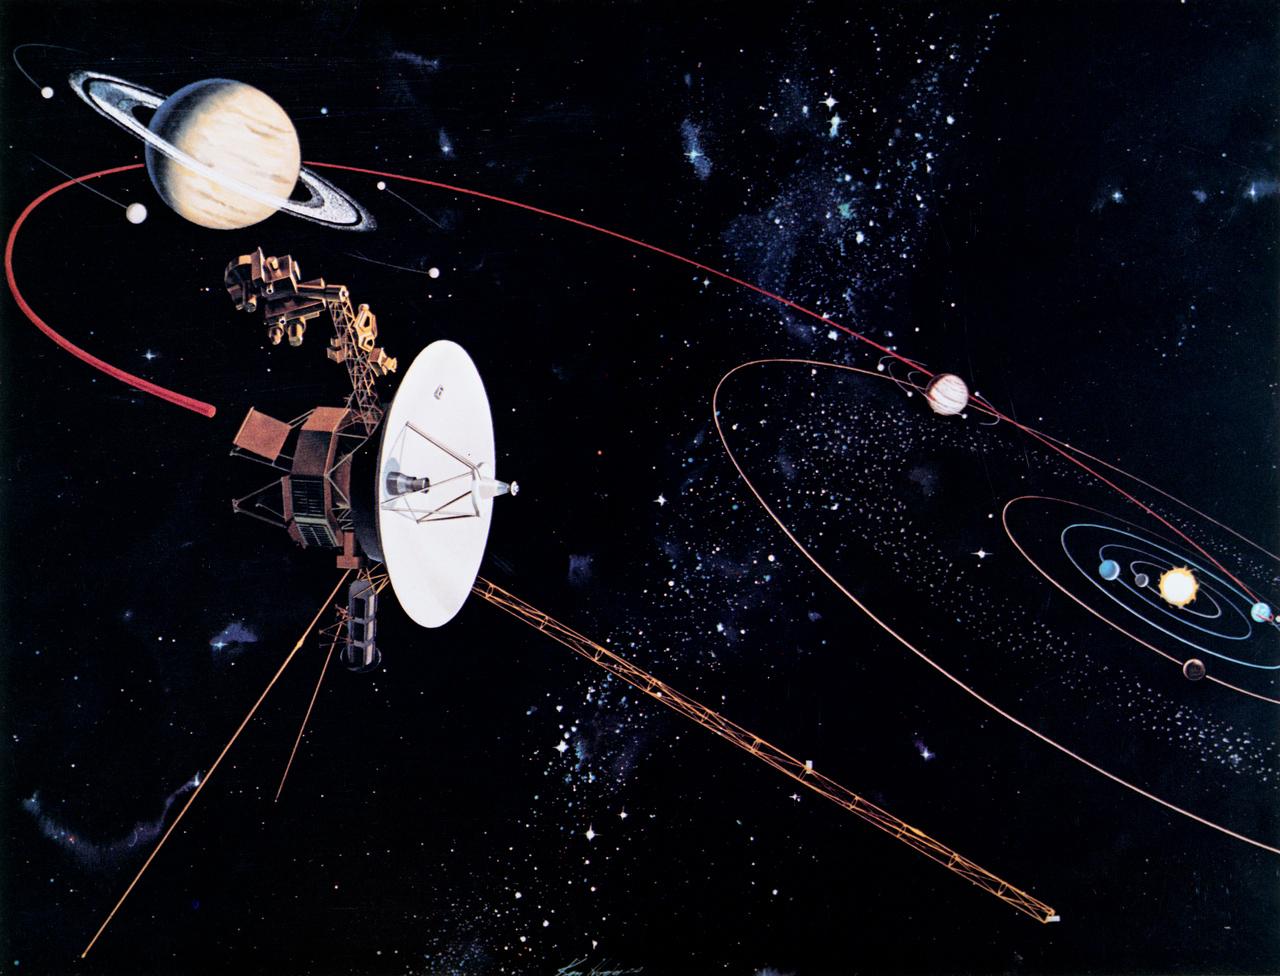 Művészi koncepció a Voyager űrszondák útjáról a Naprendszerben.